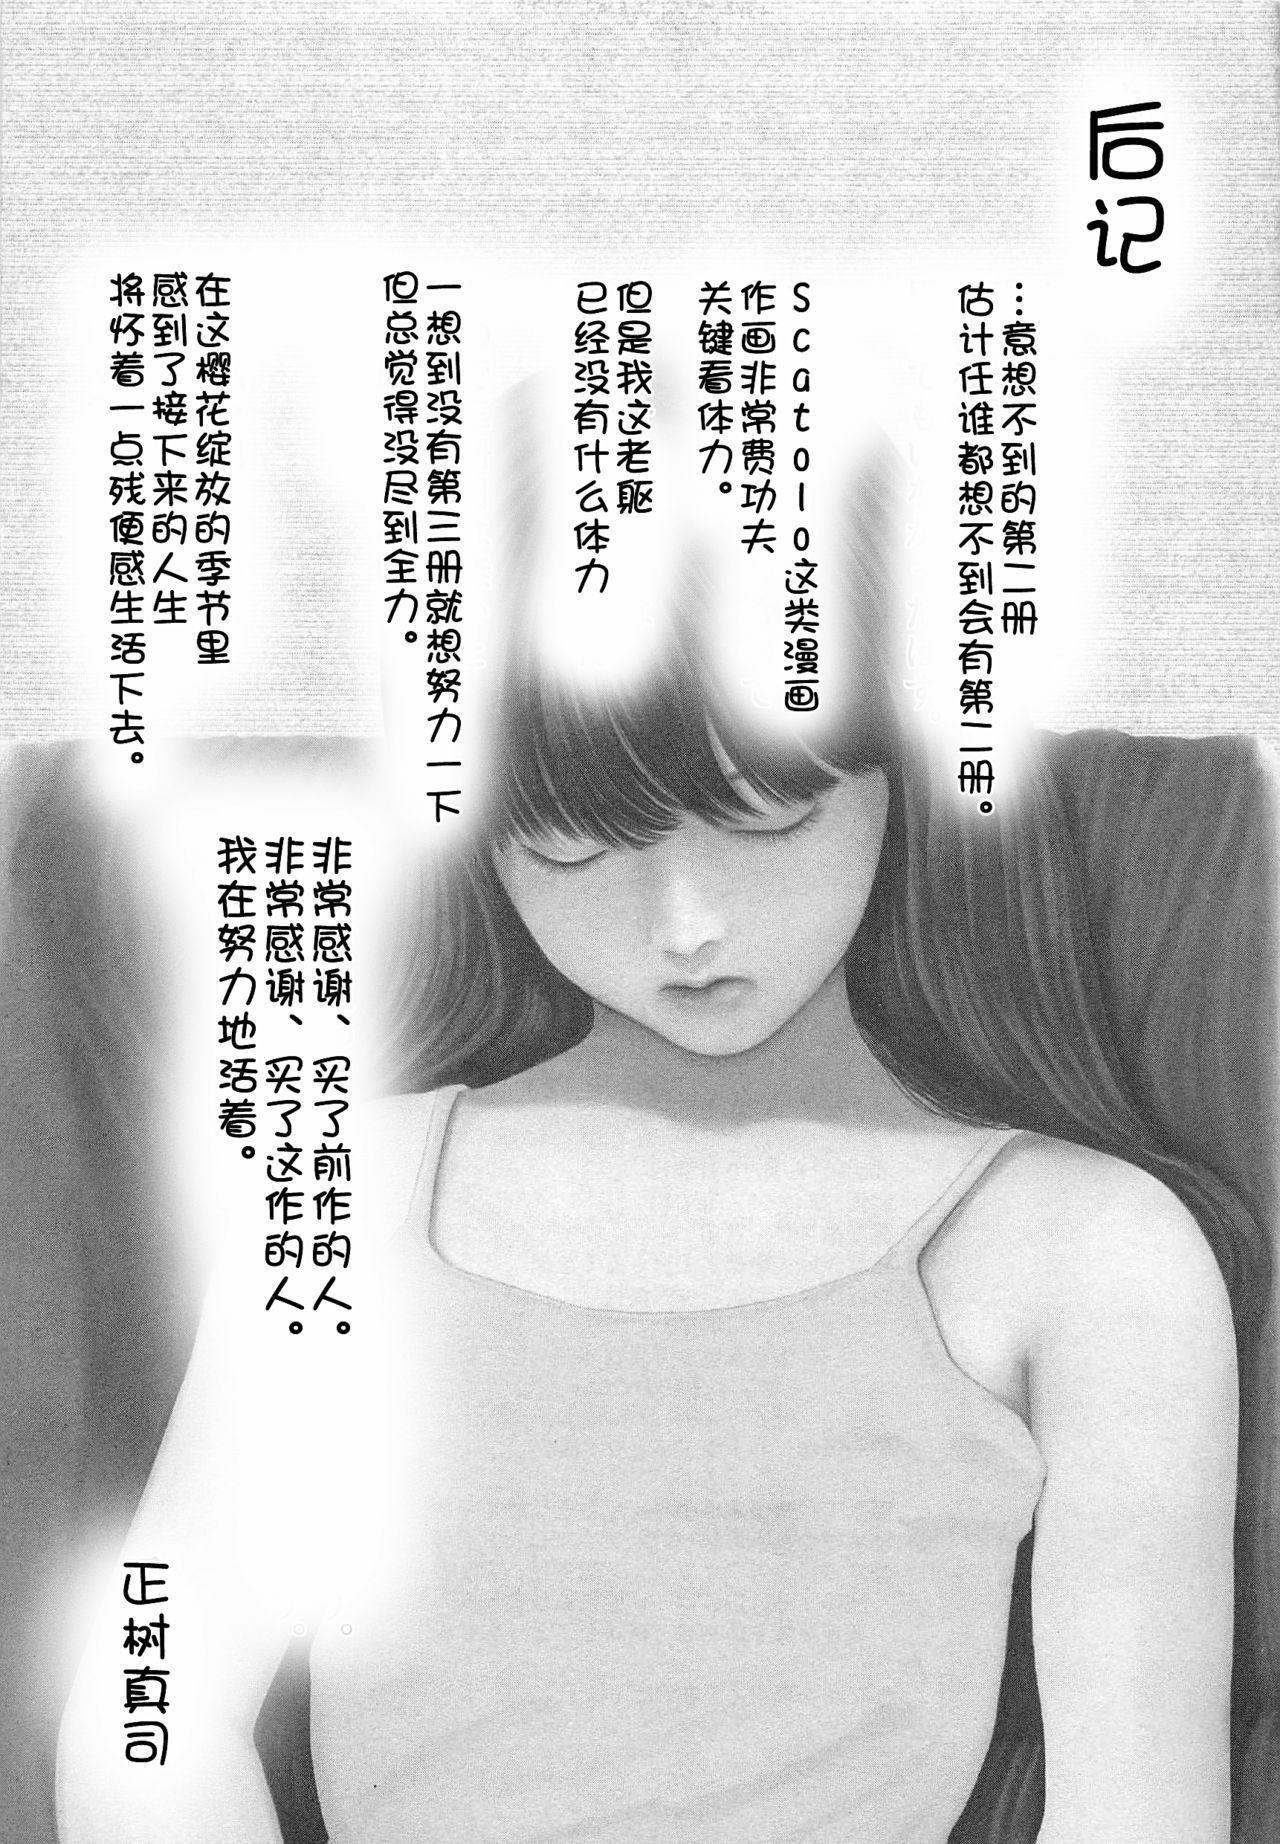 Daisenkou ~ Shin Dokuhime no Mitsu 198